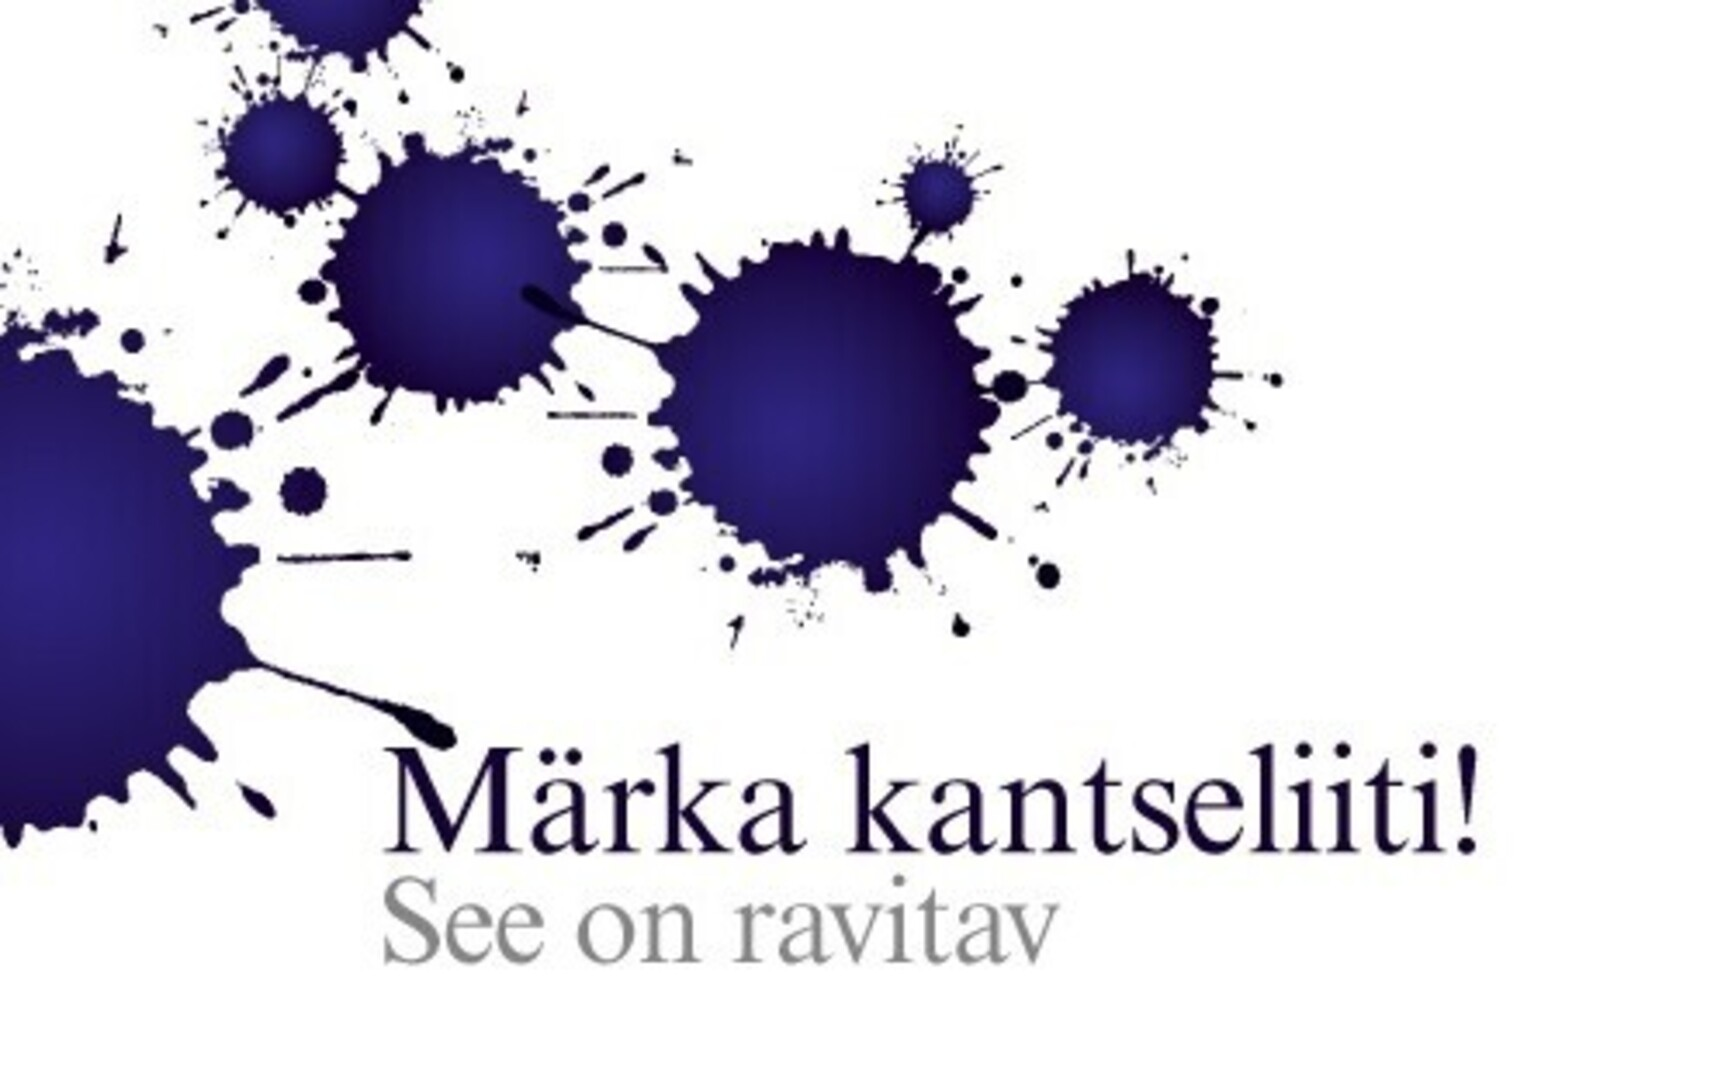 bb89c29b97b Eesti keele instituut kutsub üles märkama kantseliiti | kultuur | ERR